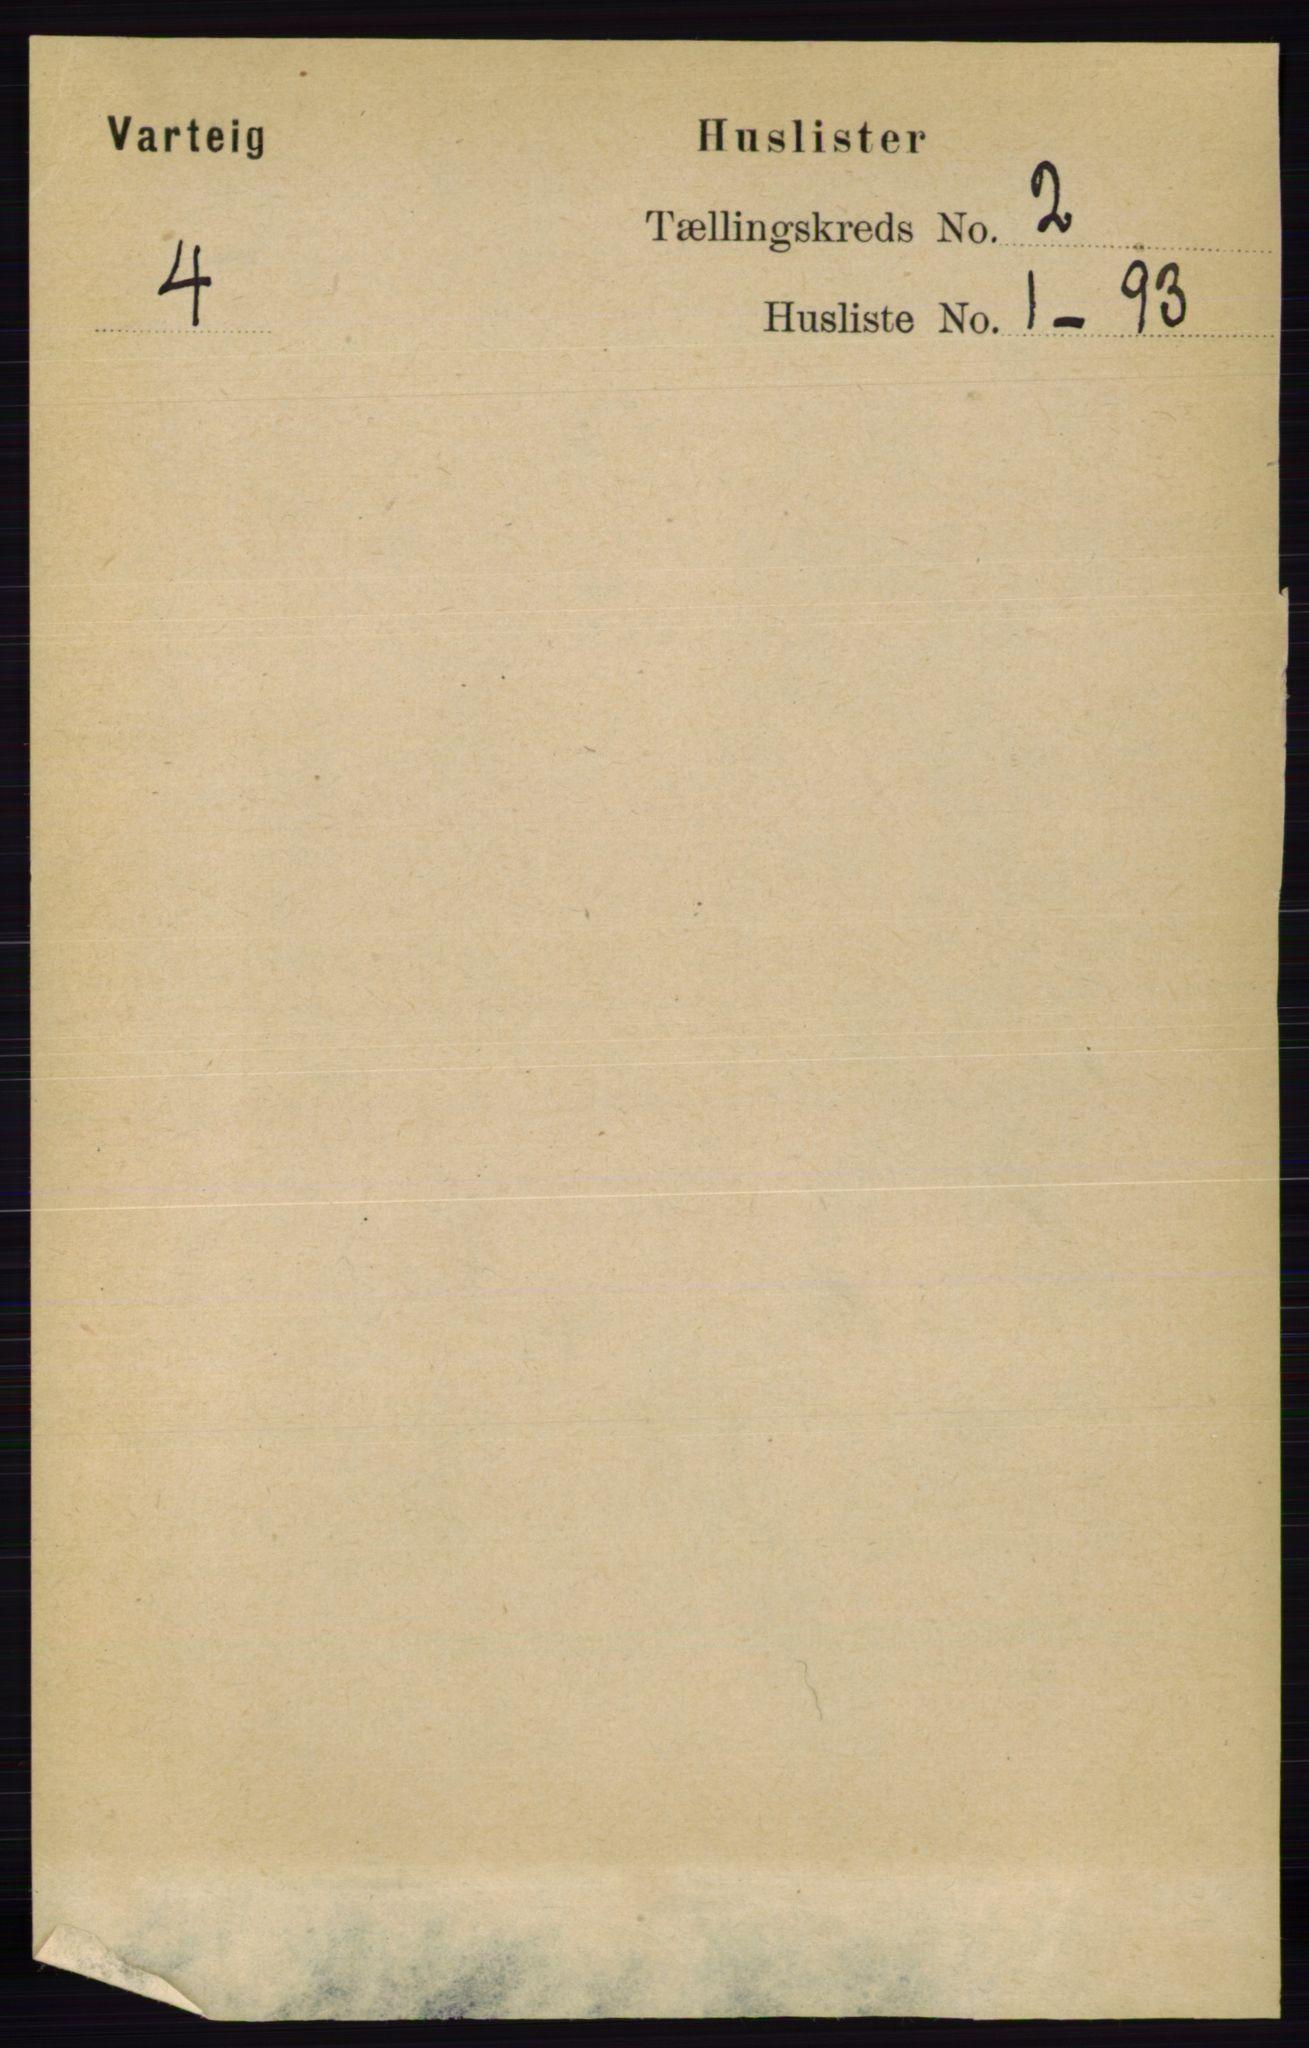 RA, Folketelling 1891 for 0114 Varteig herred, 1891, s. 483